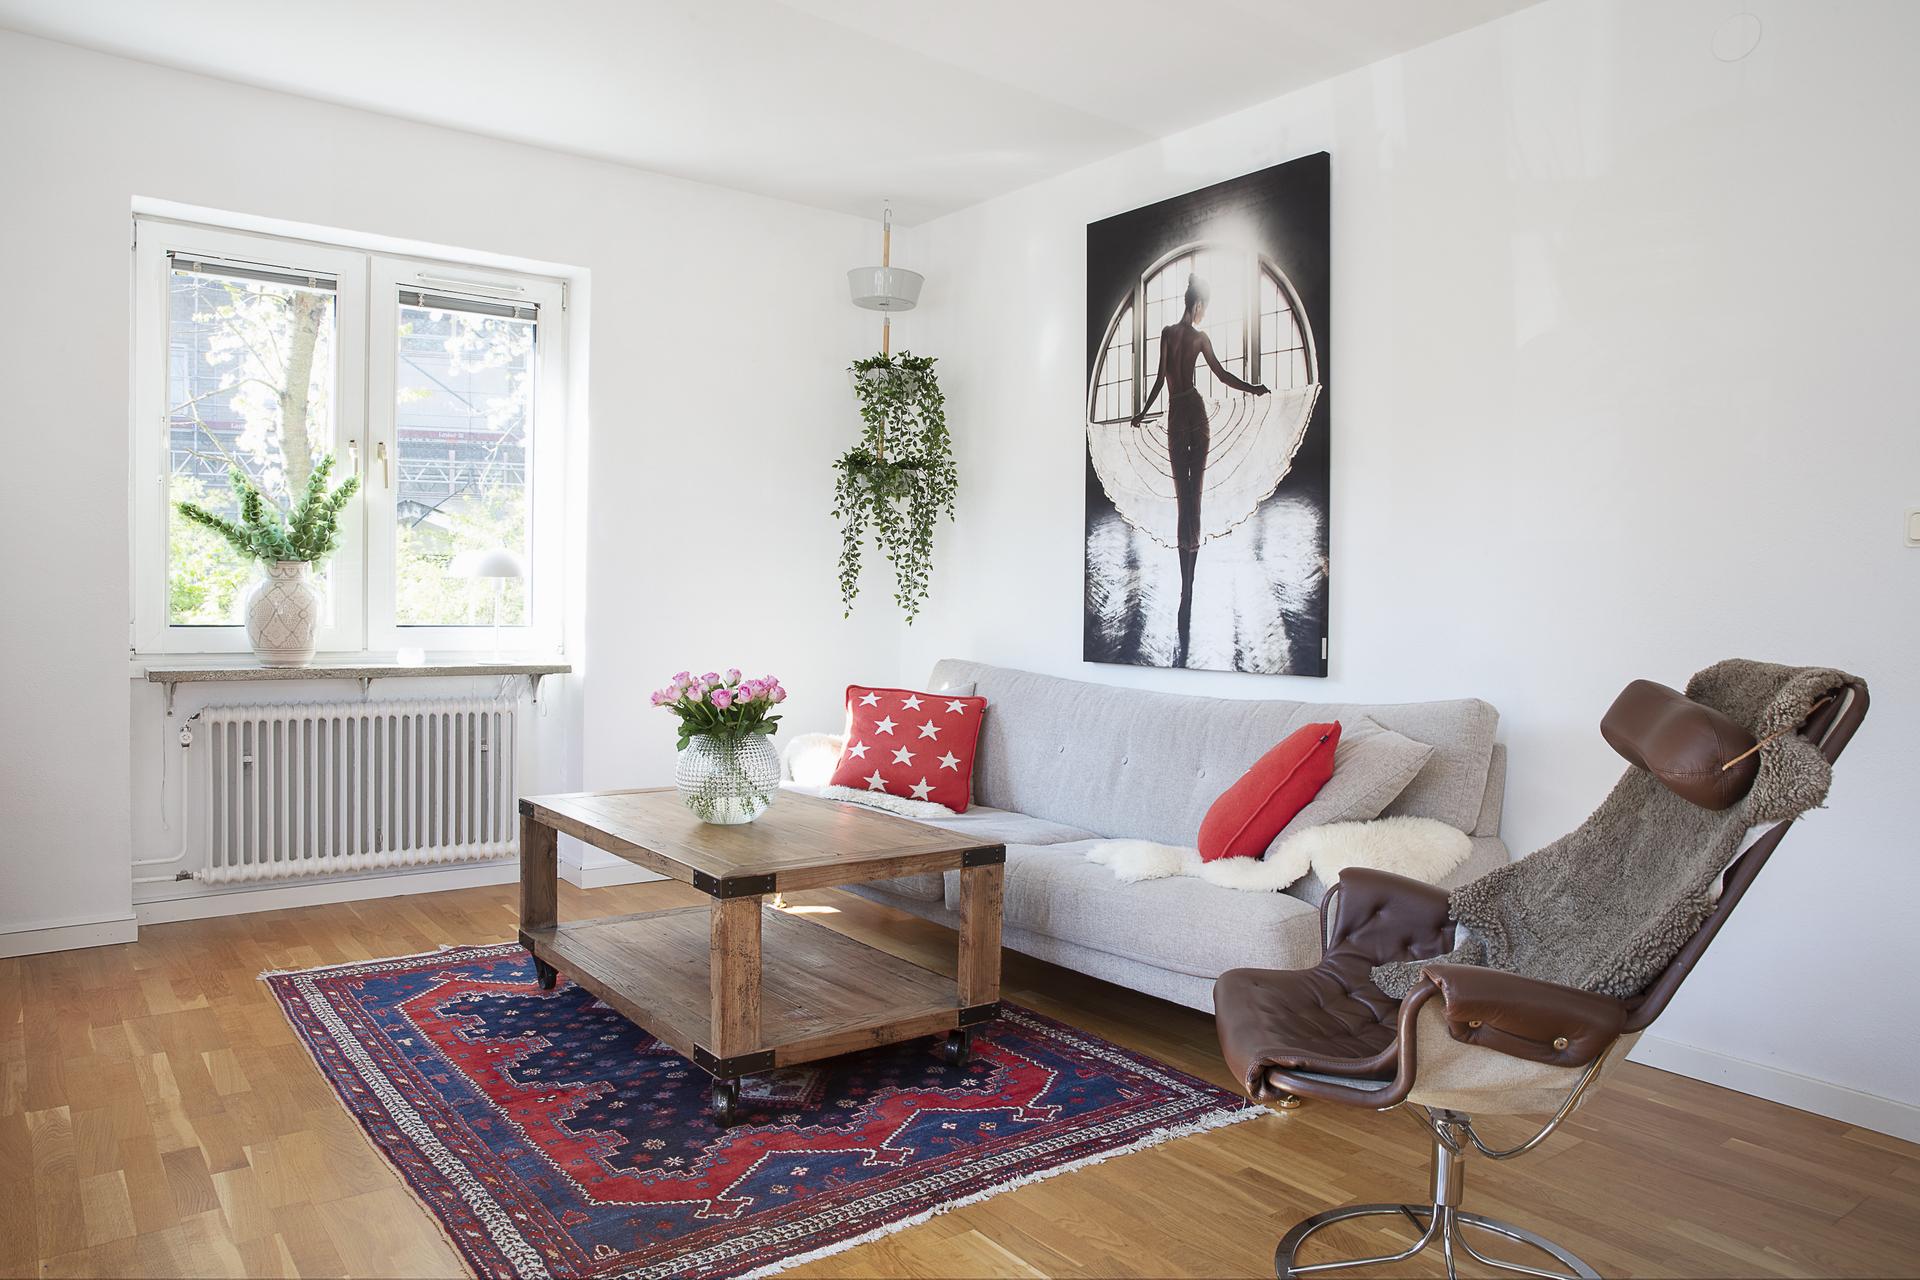 Vardagsrummet är rymligt och erbjuder plats för soffgrupp och ytterligare möblemang